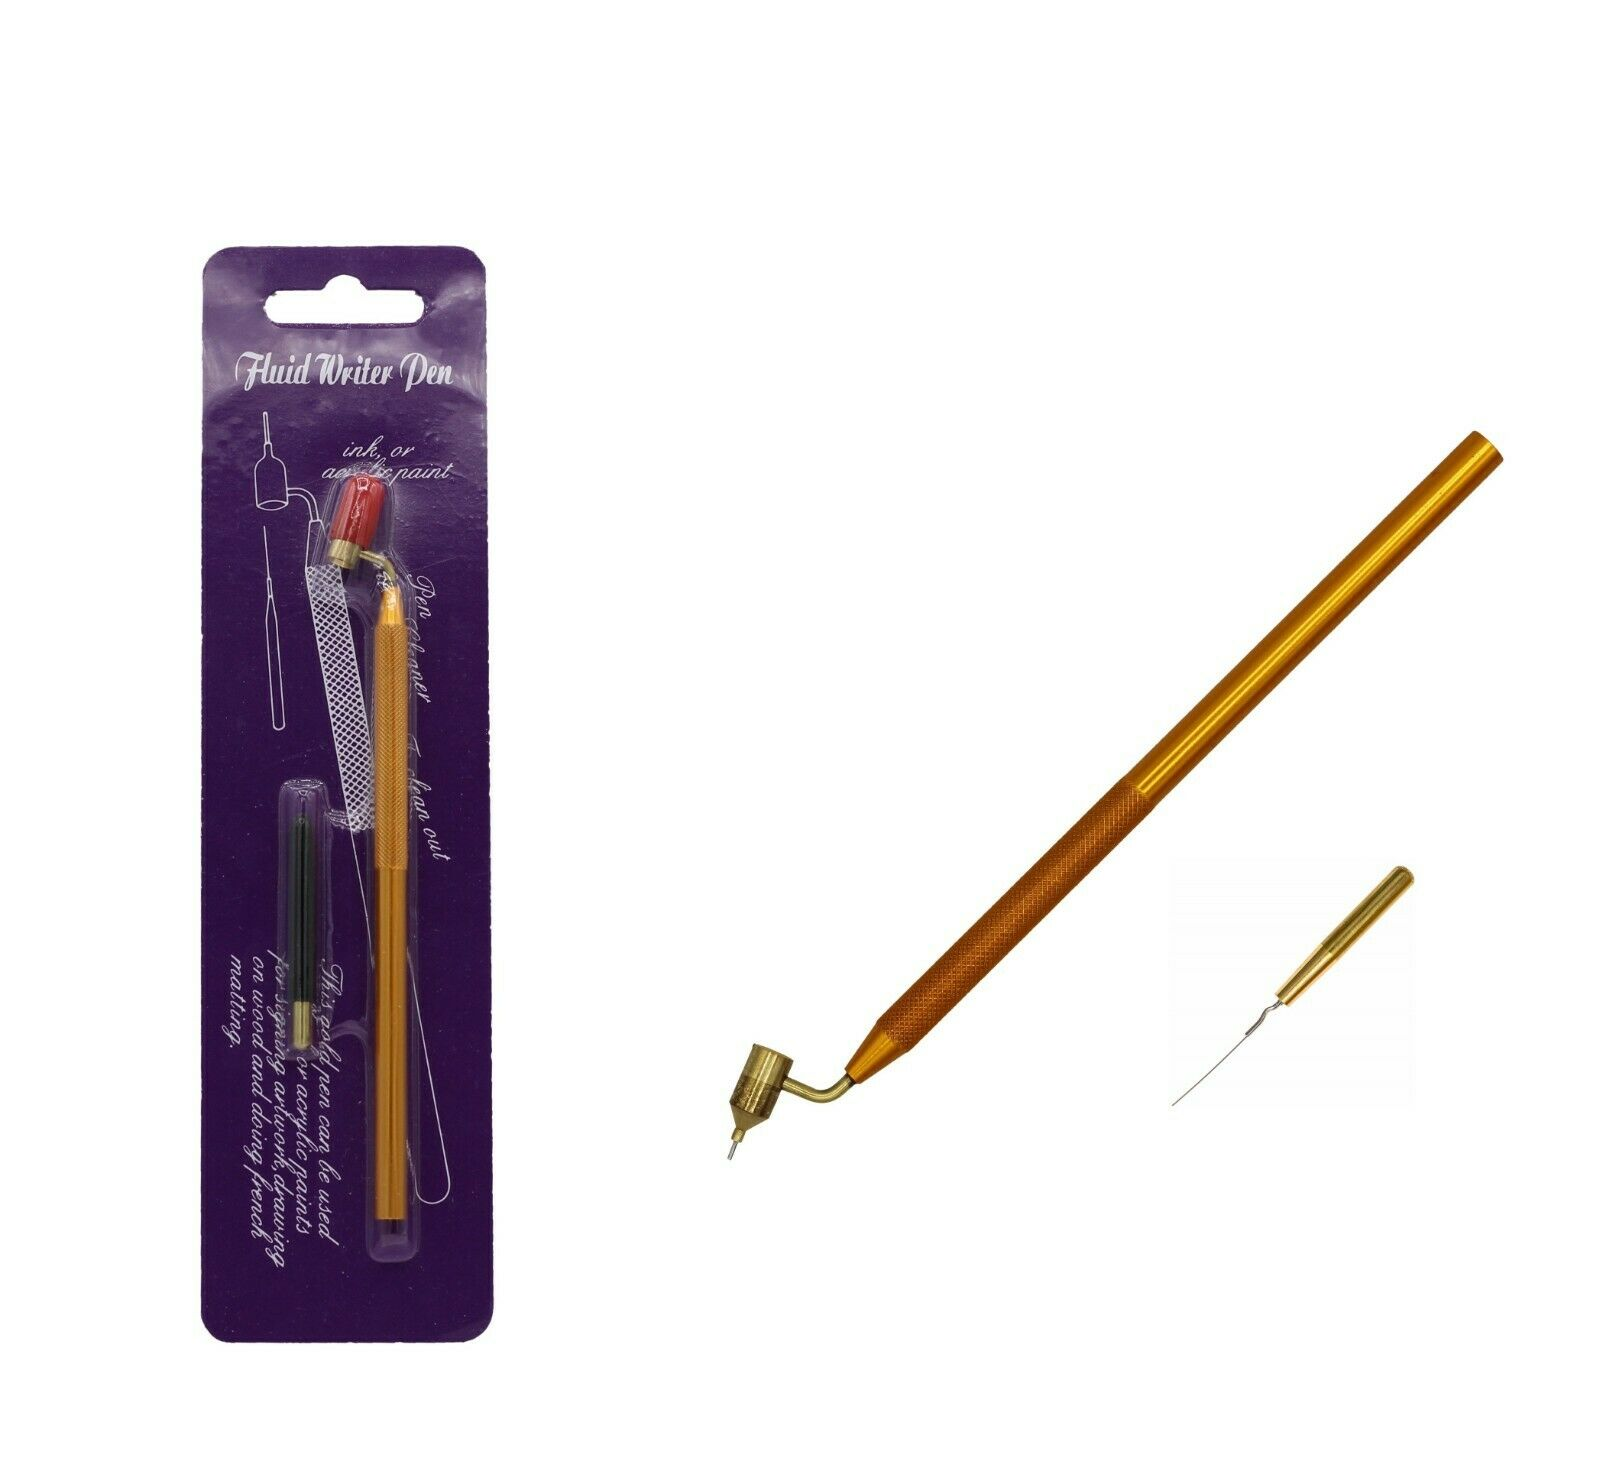 Detailing Fine Line Fluid Writer Paint Applicator Pen | Precision Touch Up Pen Acrylic Paint